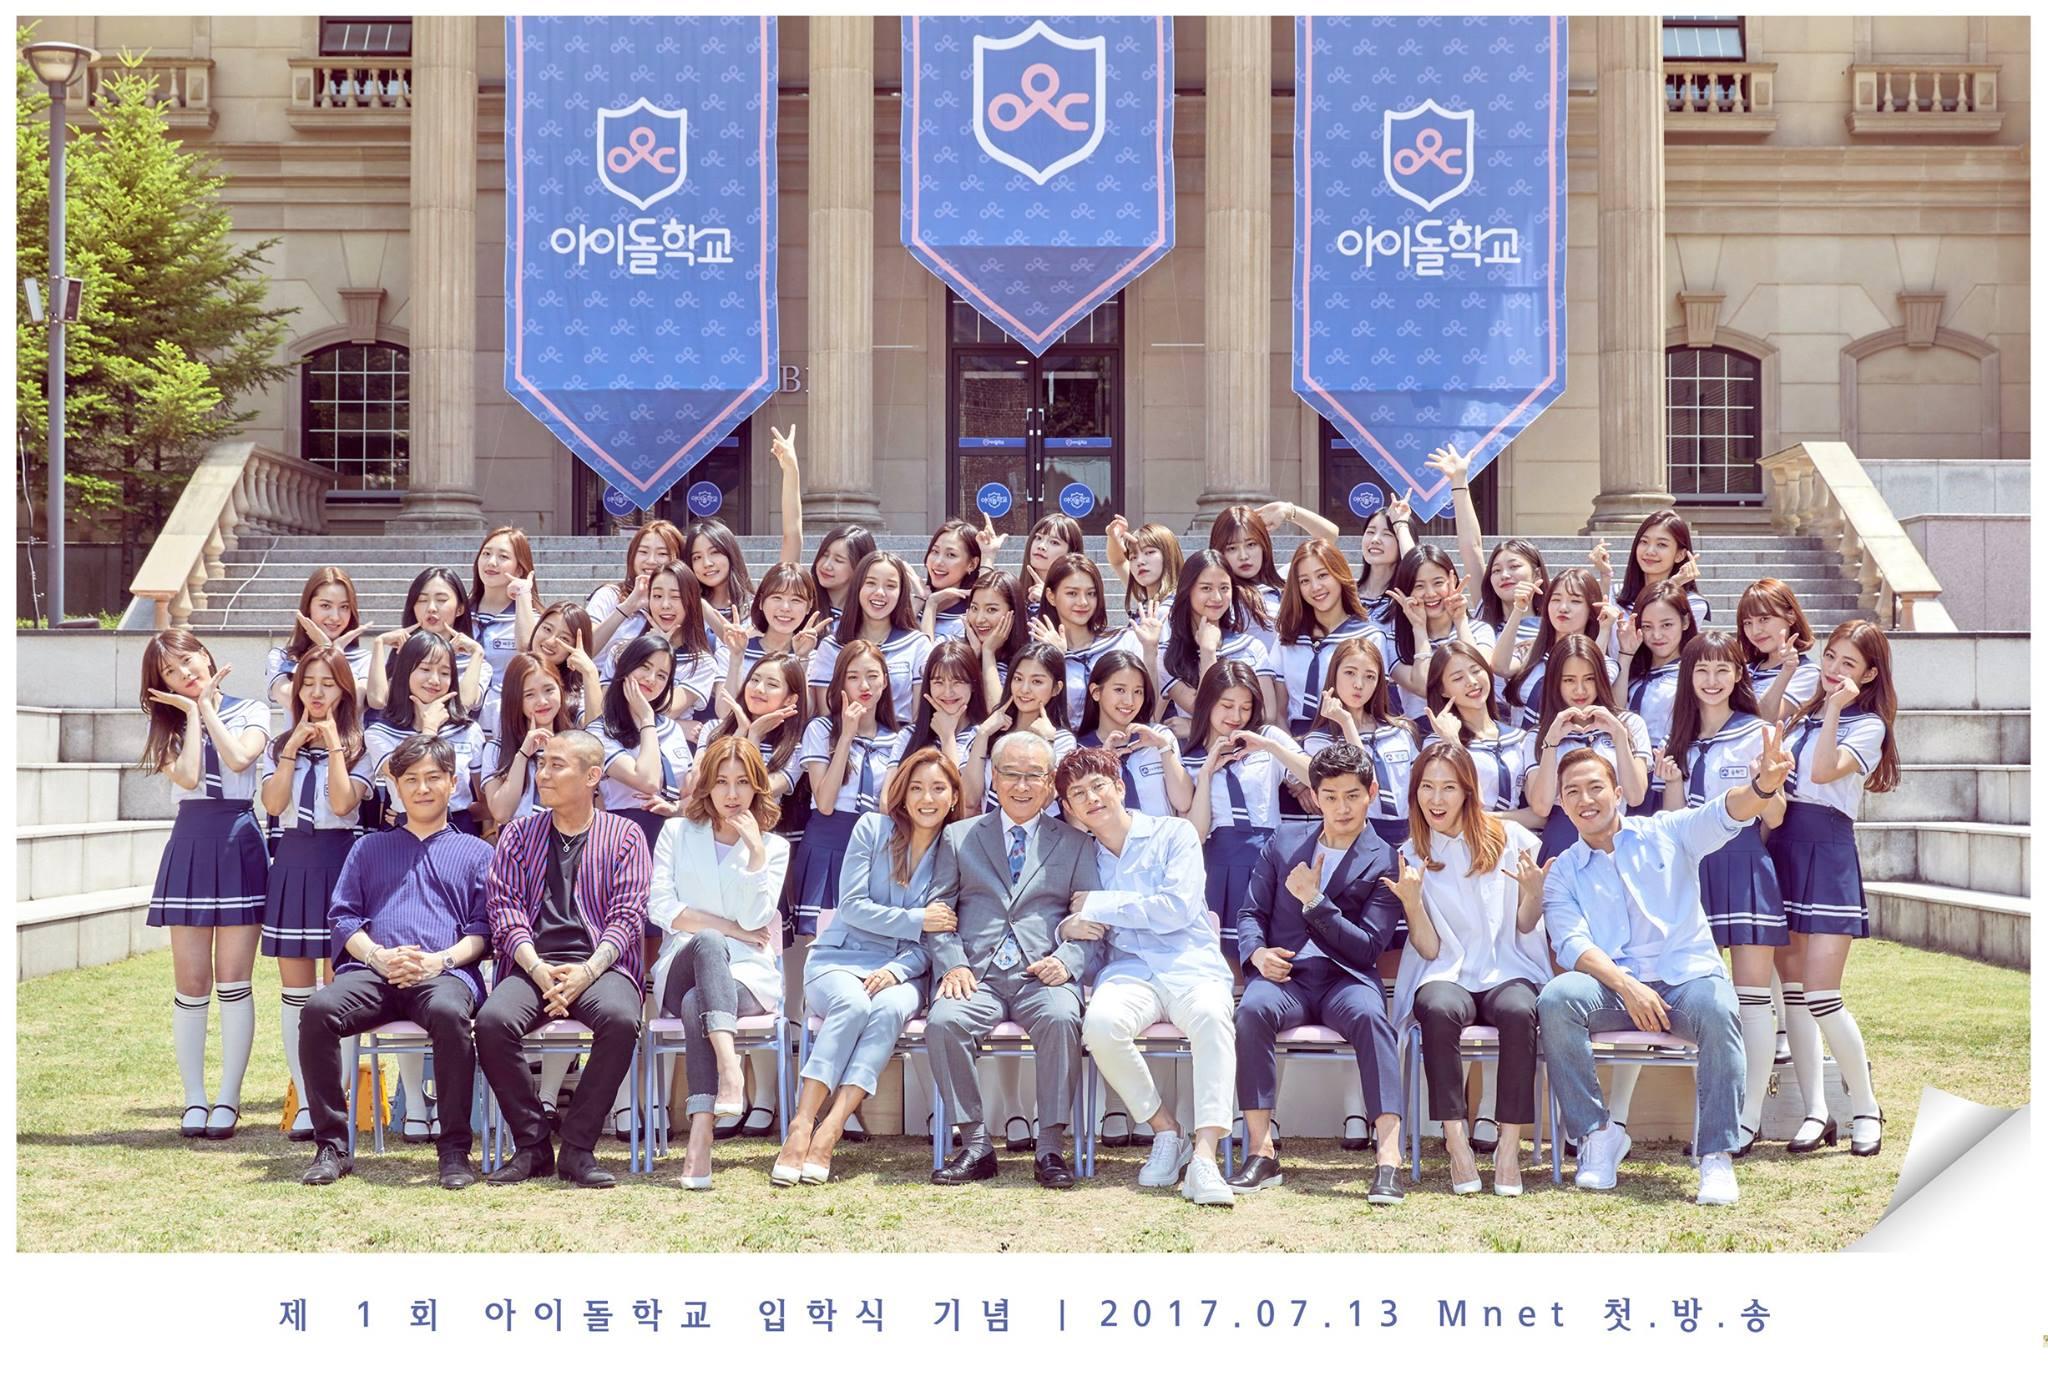 <아이돌 학교> 하나부터 열까지 뒤틀린.